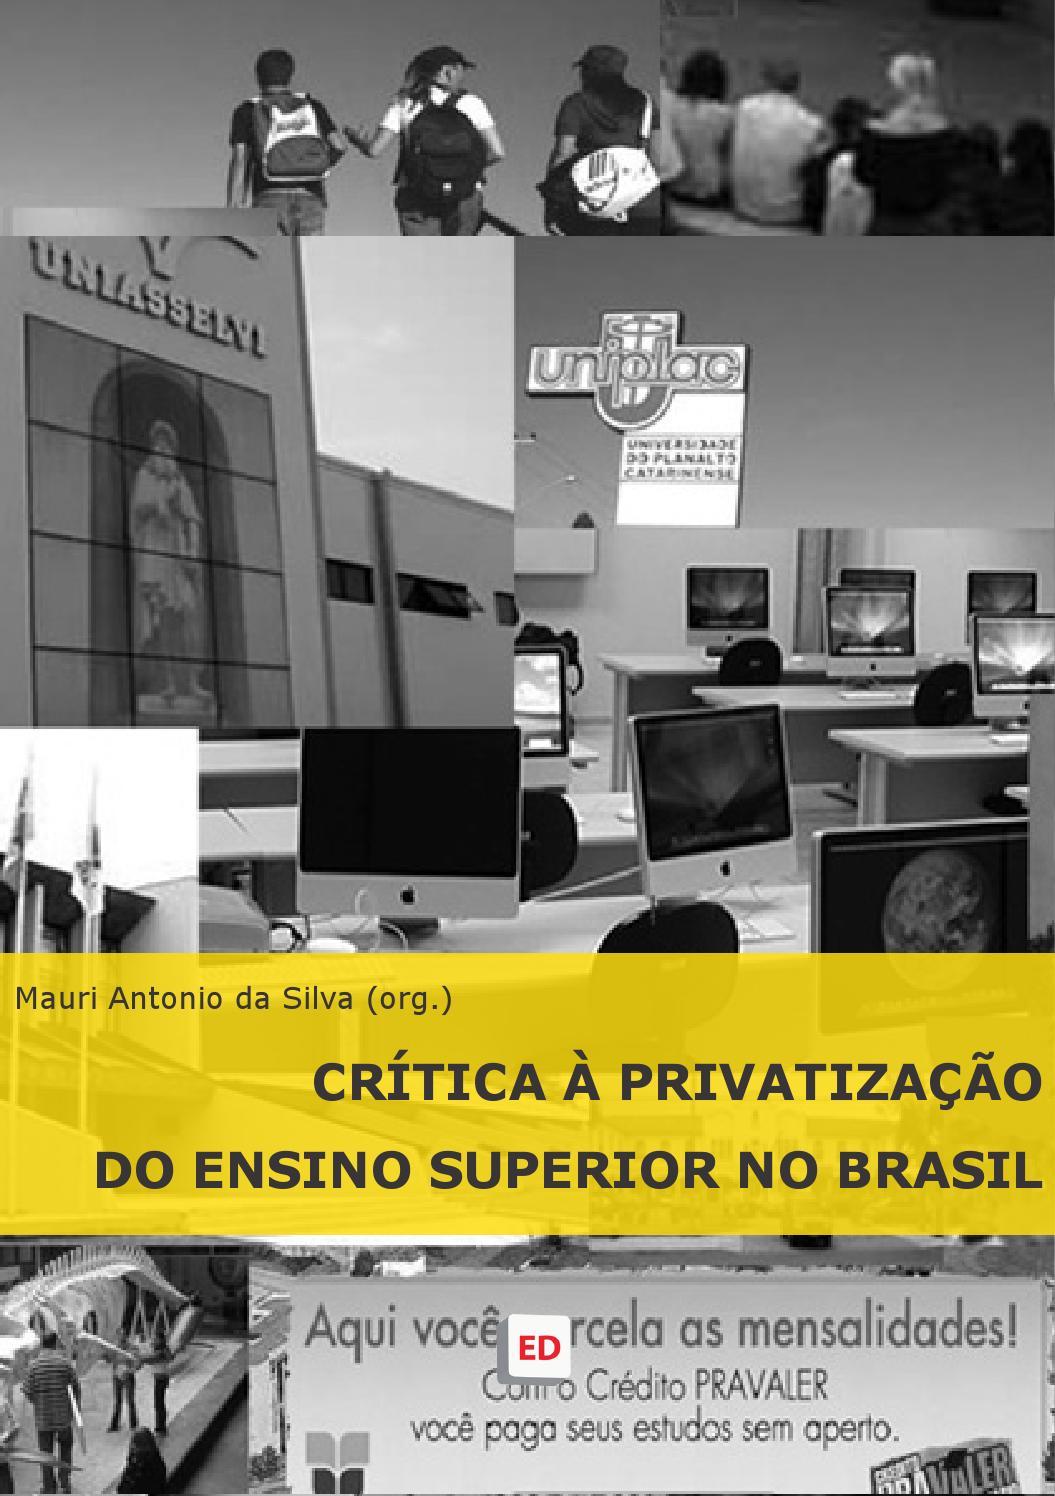 Crítica à privatização do Ensino Superior no Brasil by editoria emdebate -  issuu 5444da1646